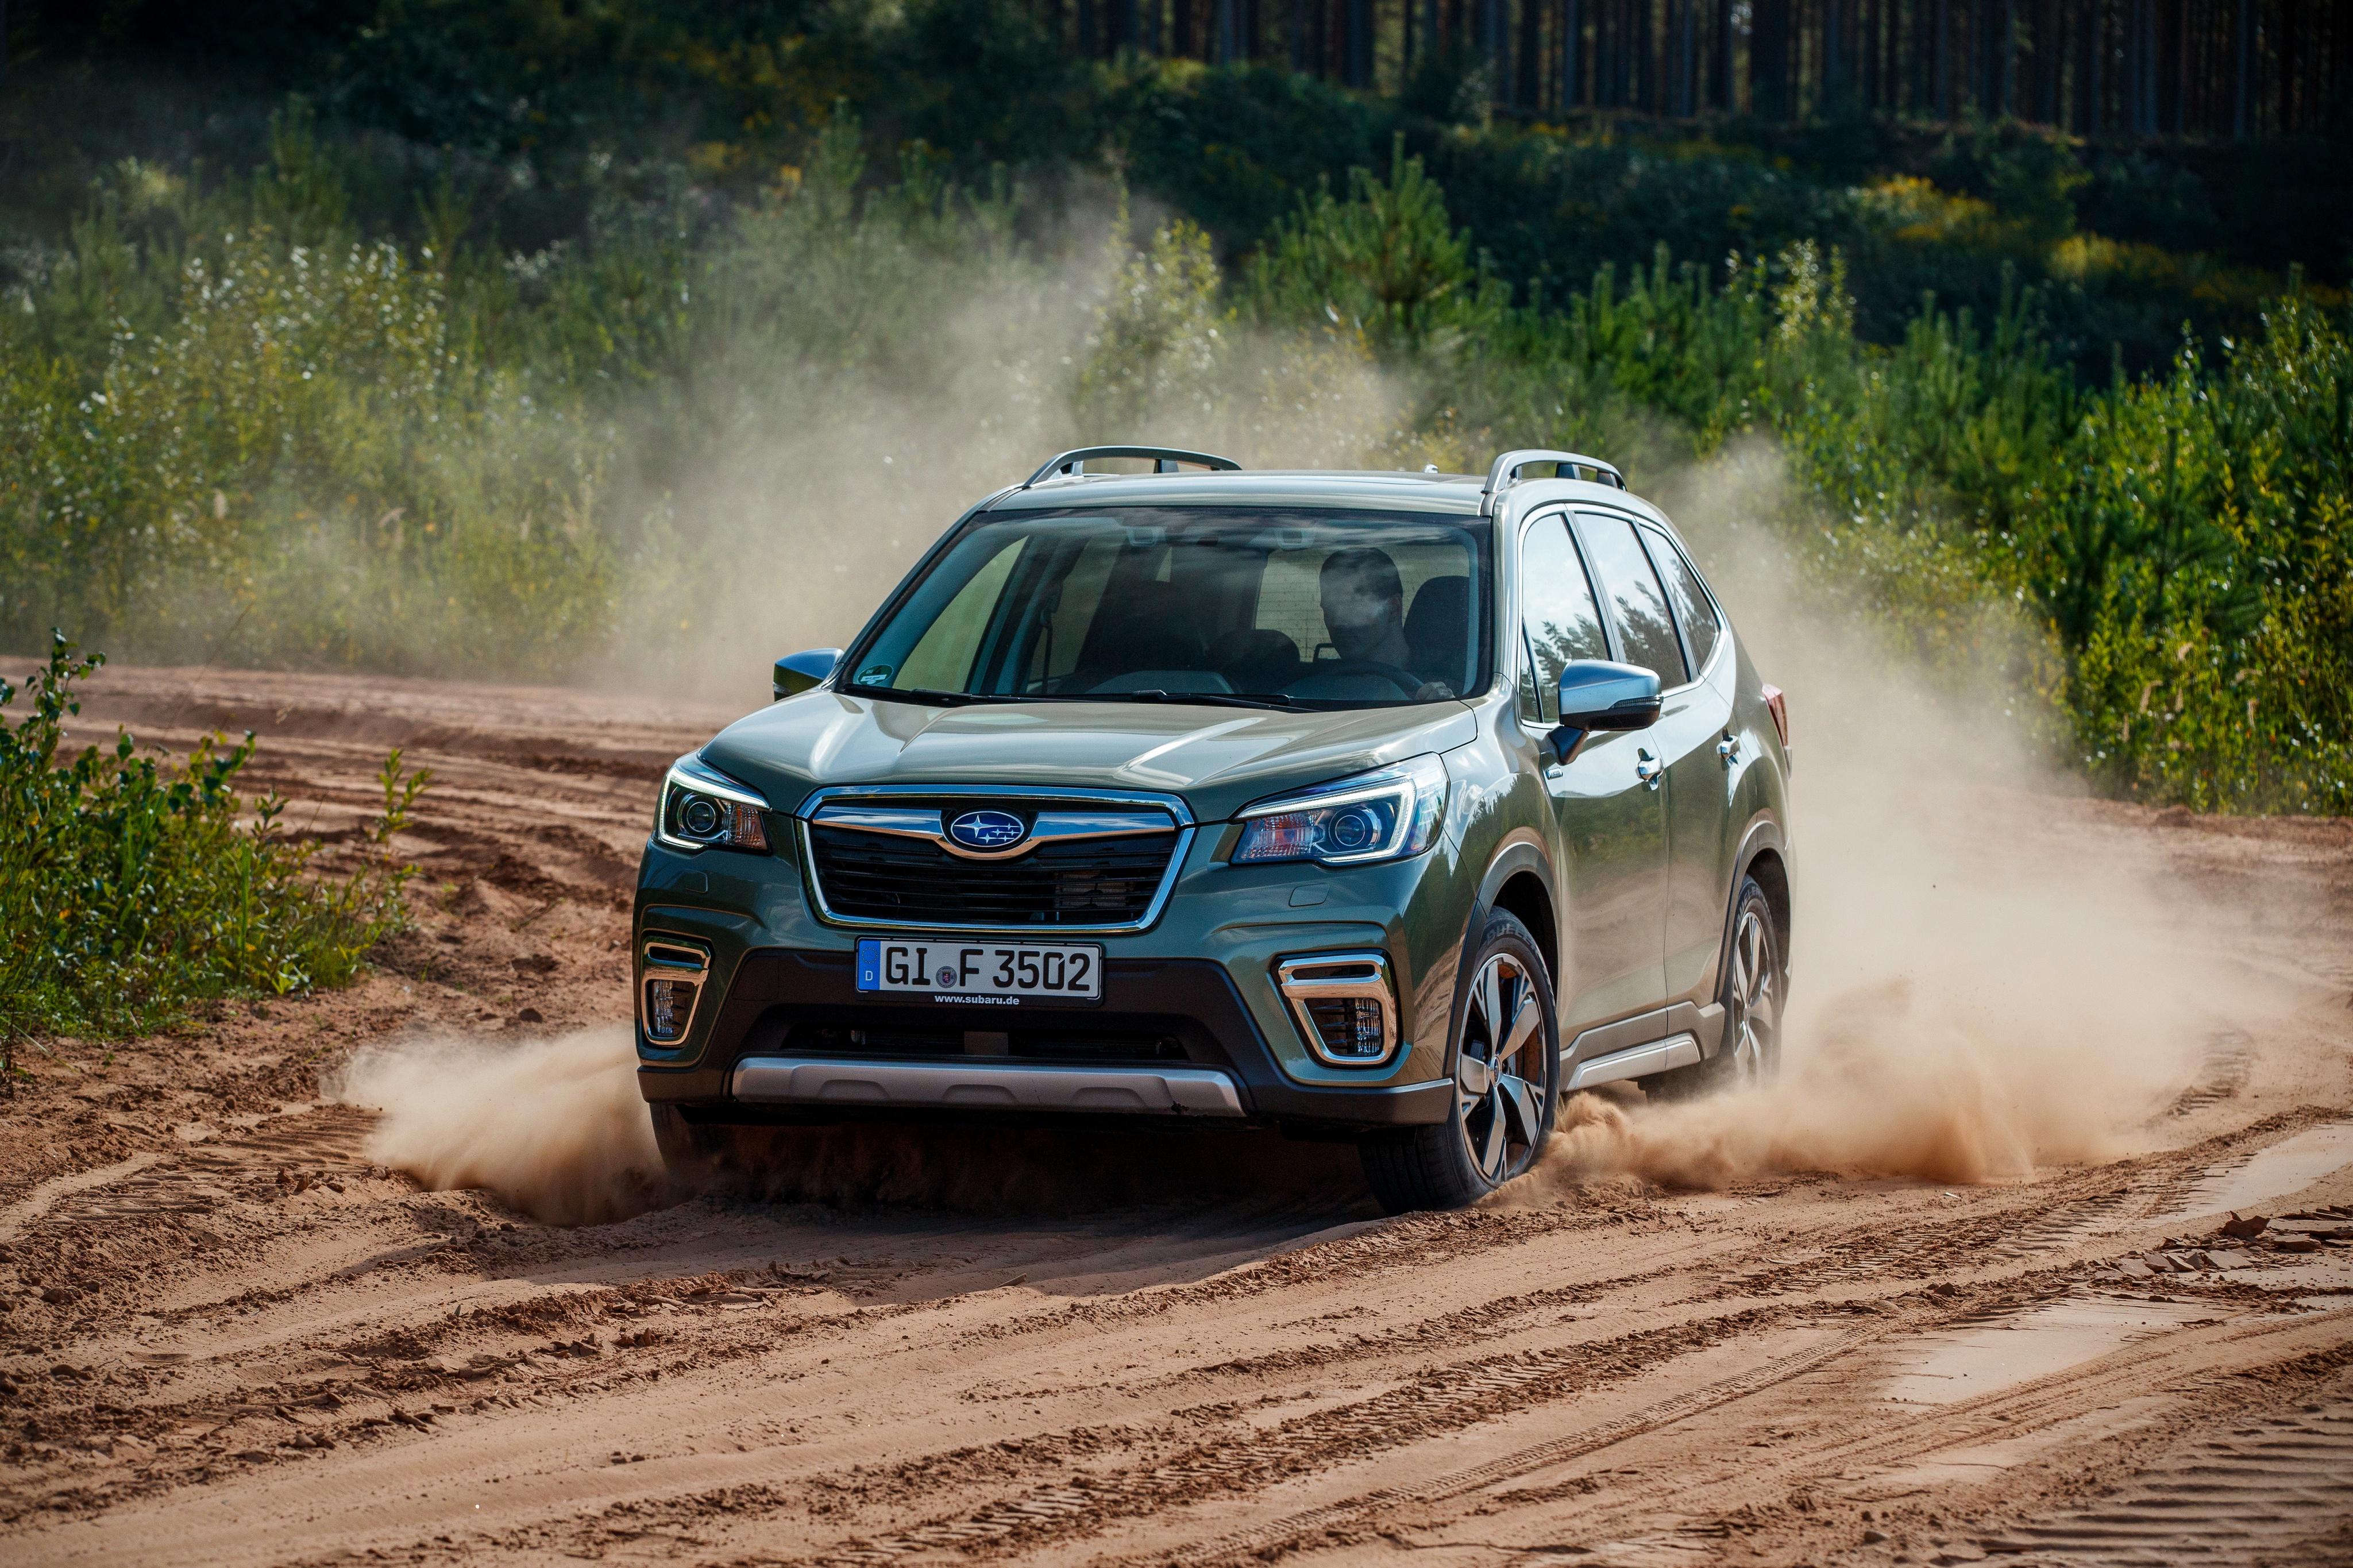 4096x2730 Subaru Forester, 2019 Movimento carro, automóvel, automóveis, velocidade Carros